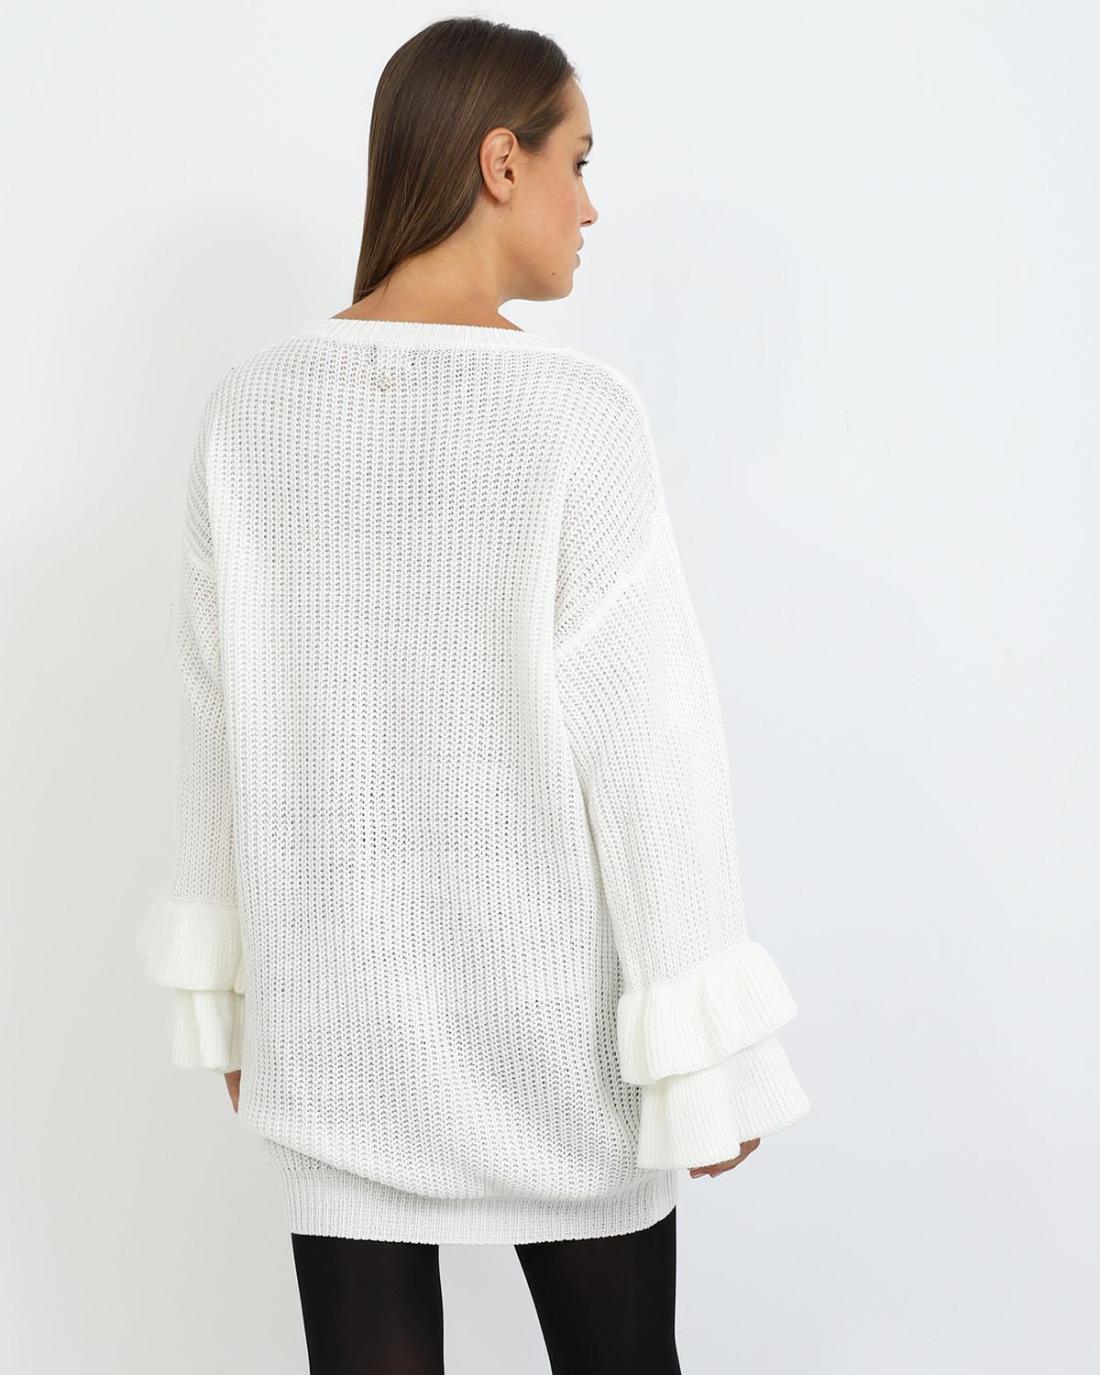 Μπλουζοφόρεμα άσπρο